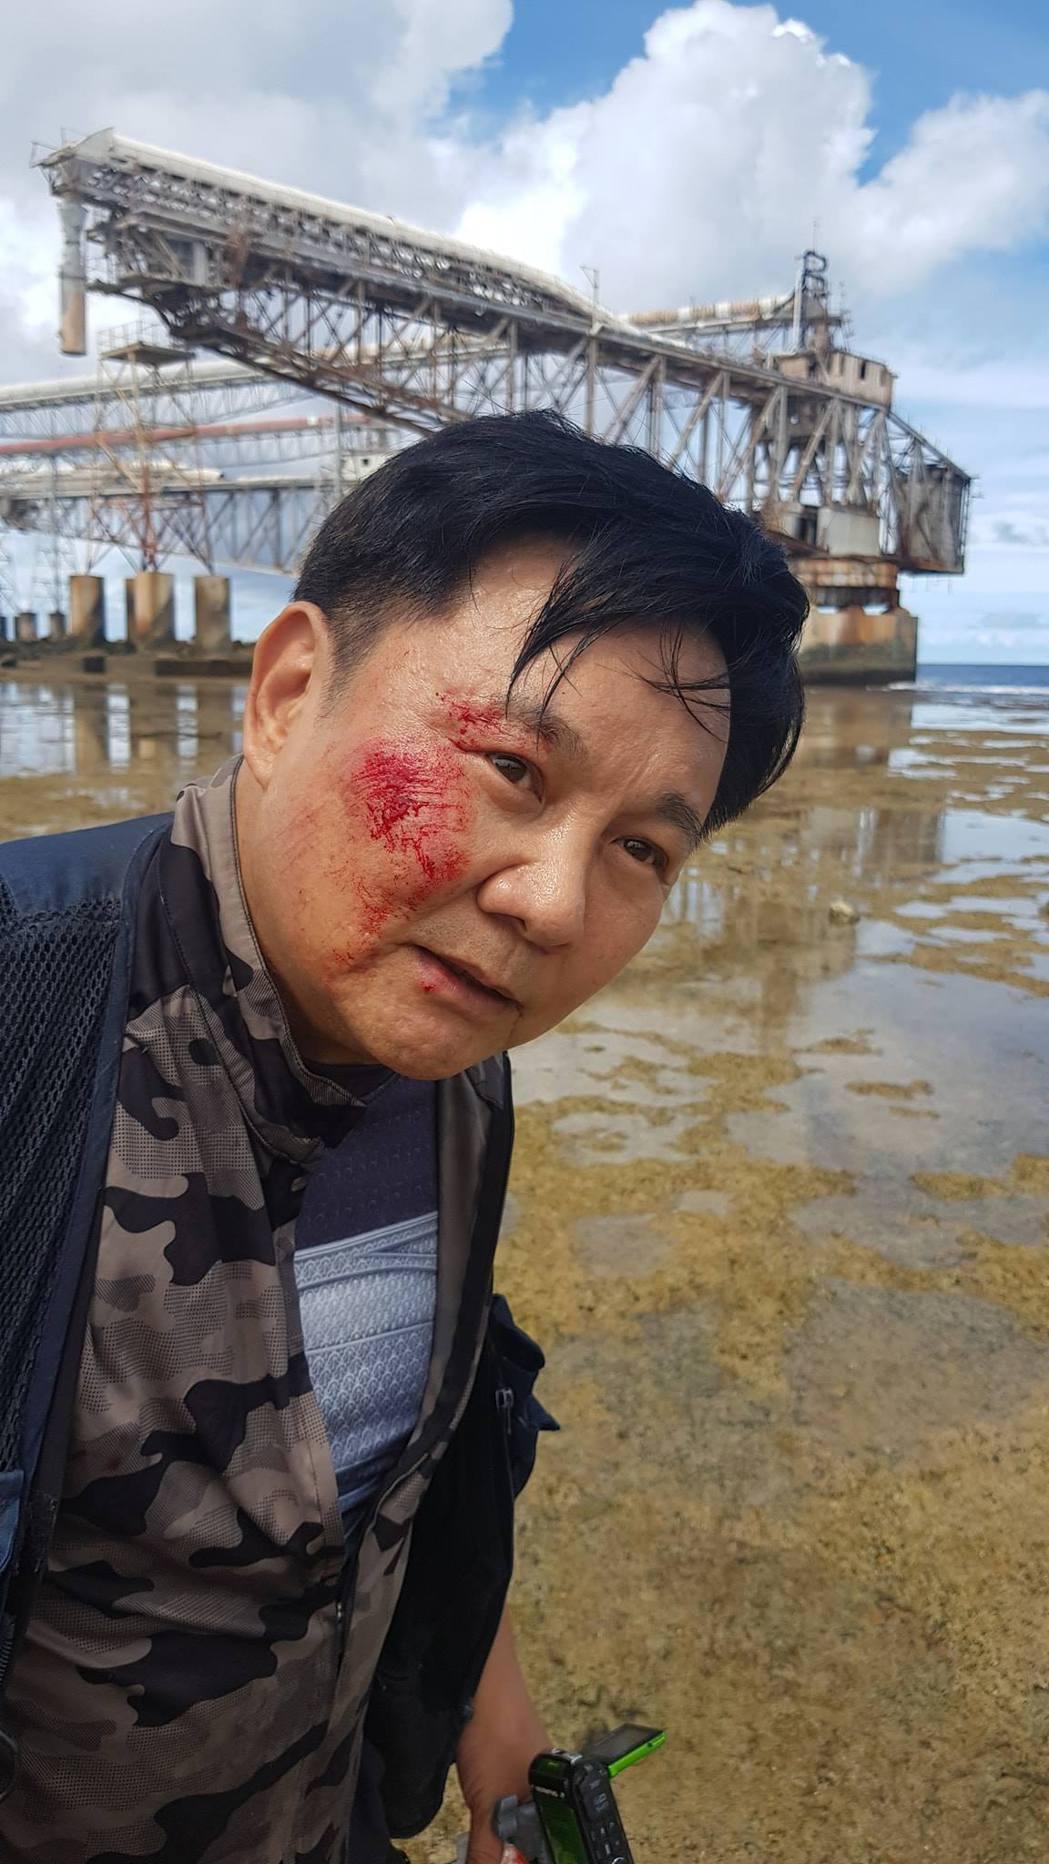 眭澔平在諾魯滑倒受傷。 圖/擷自眭澔平臉書